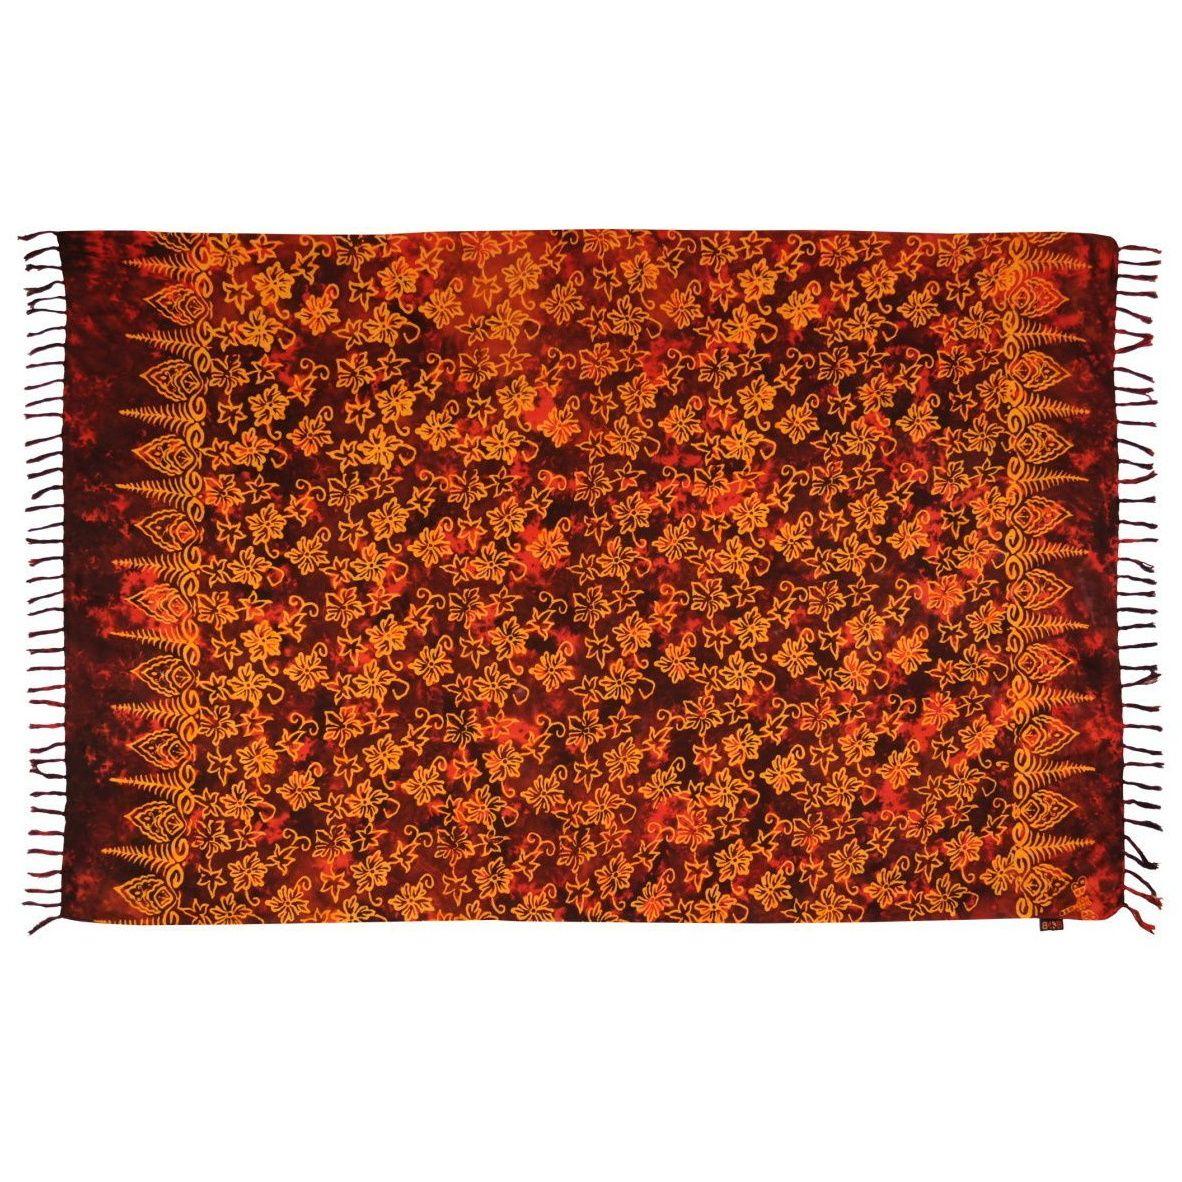 Plážový šátek sarong, pareo Květy červený